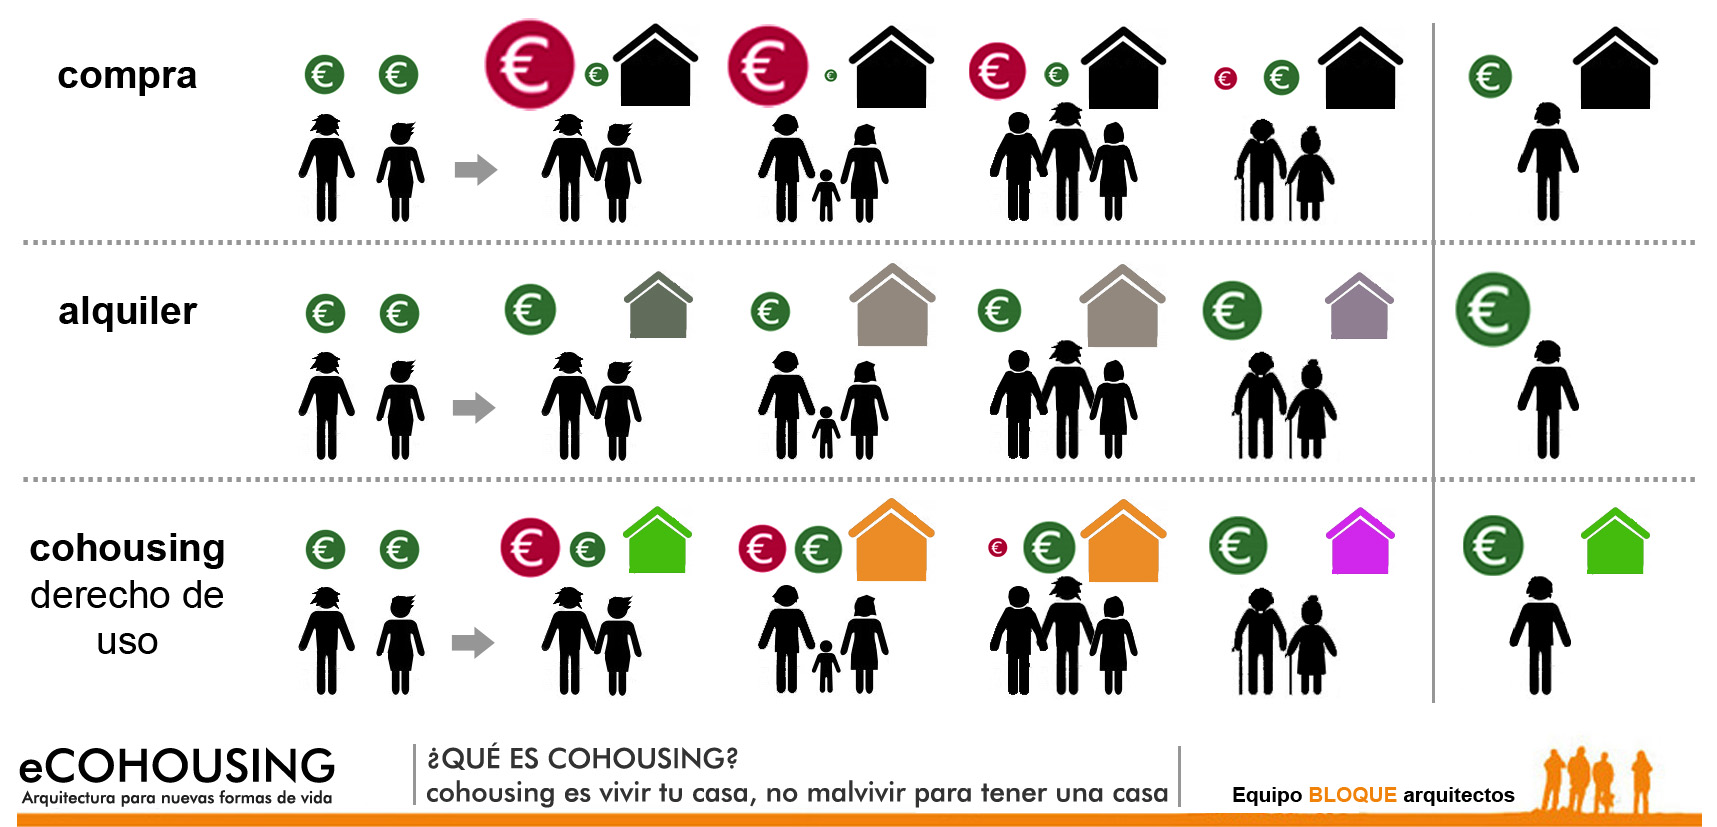 Comparativa económica Cohousing, compra y alquiler